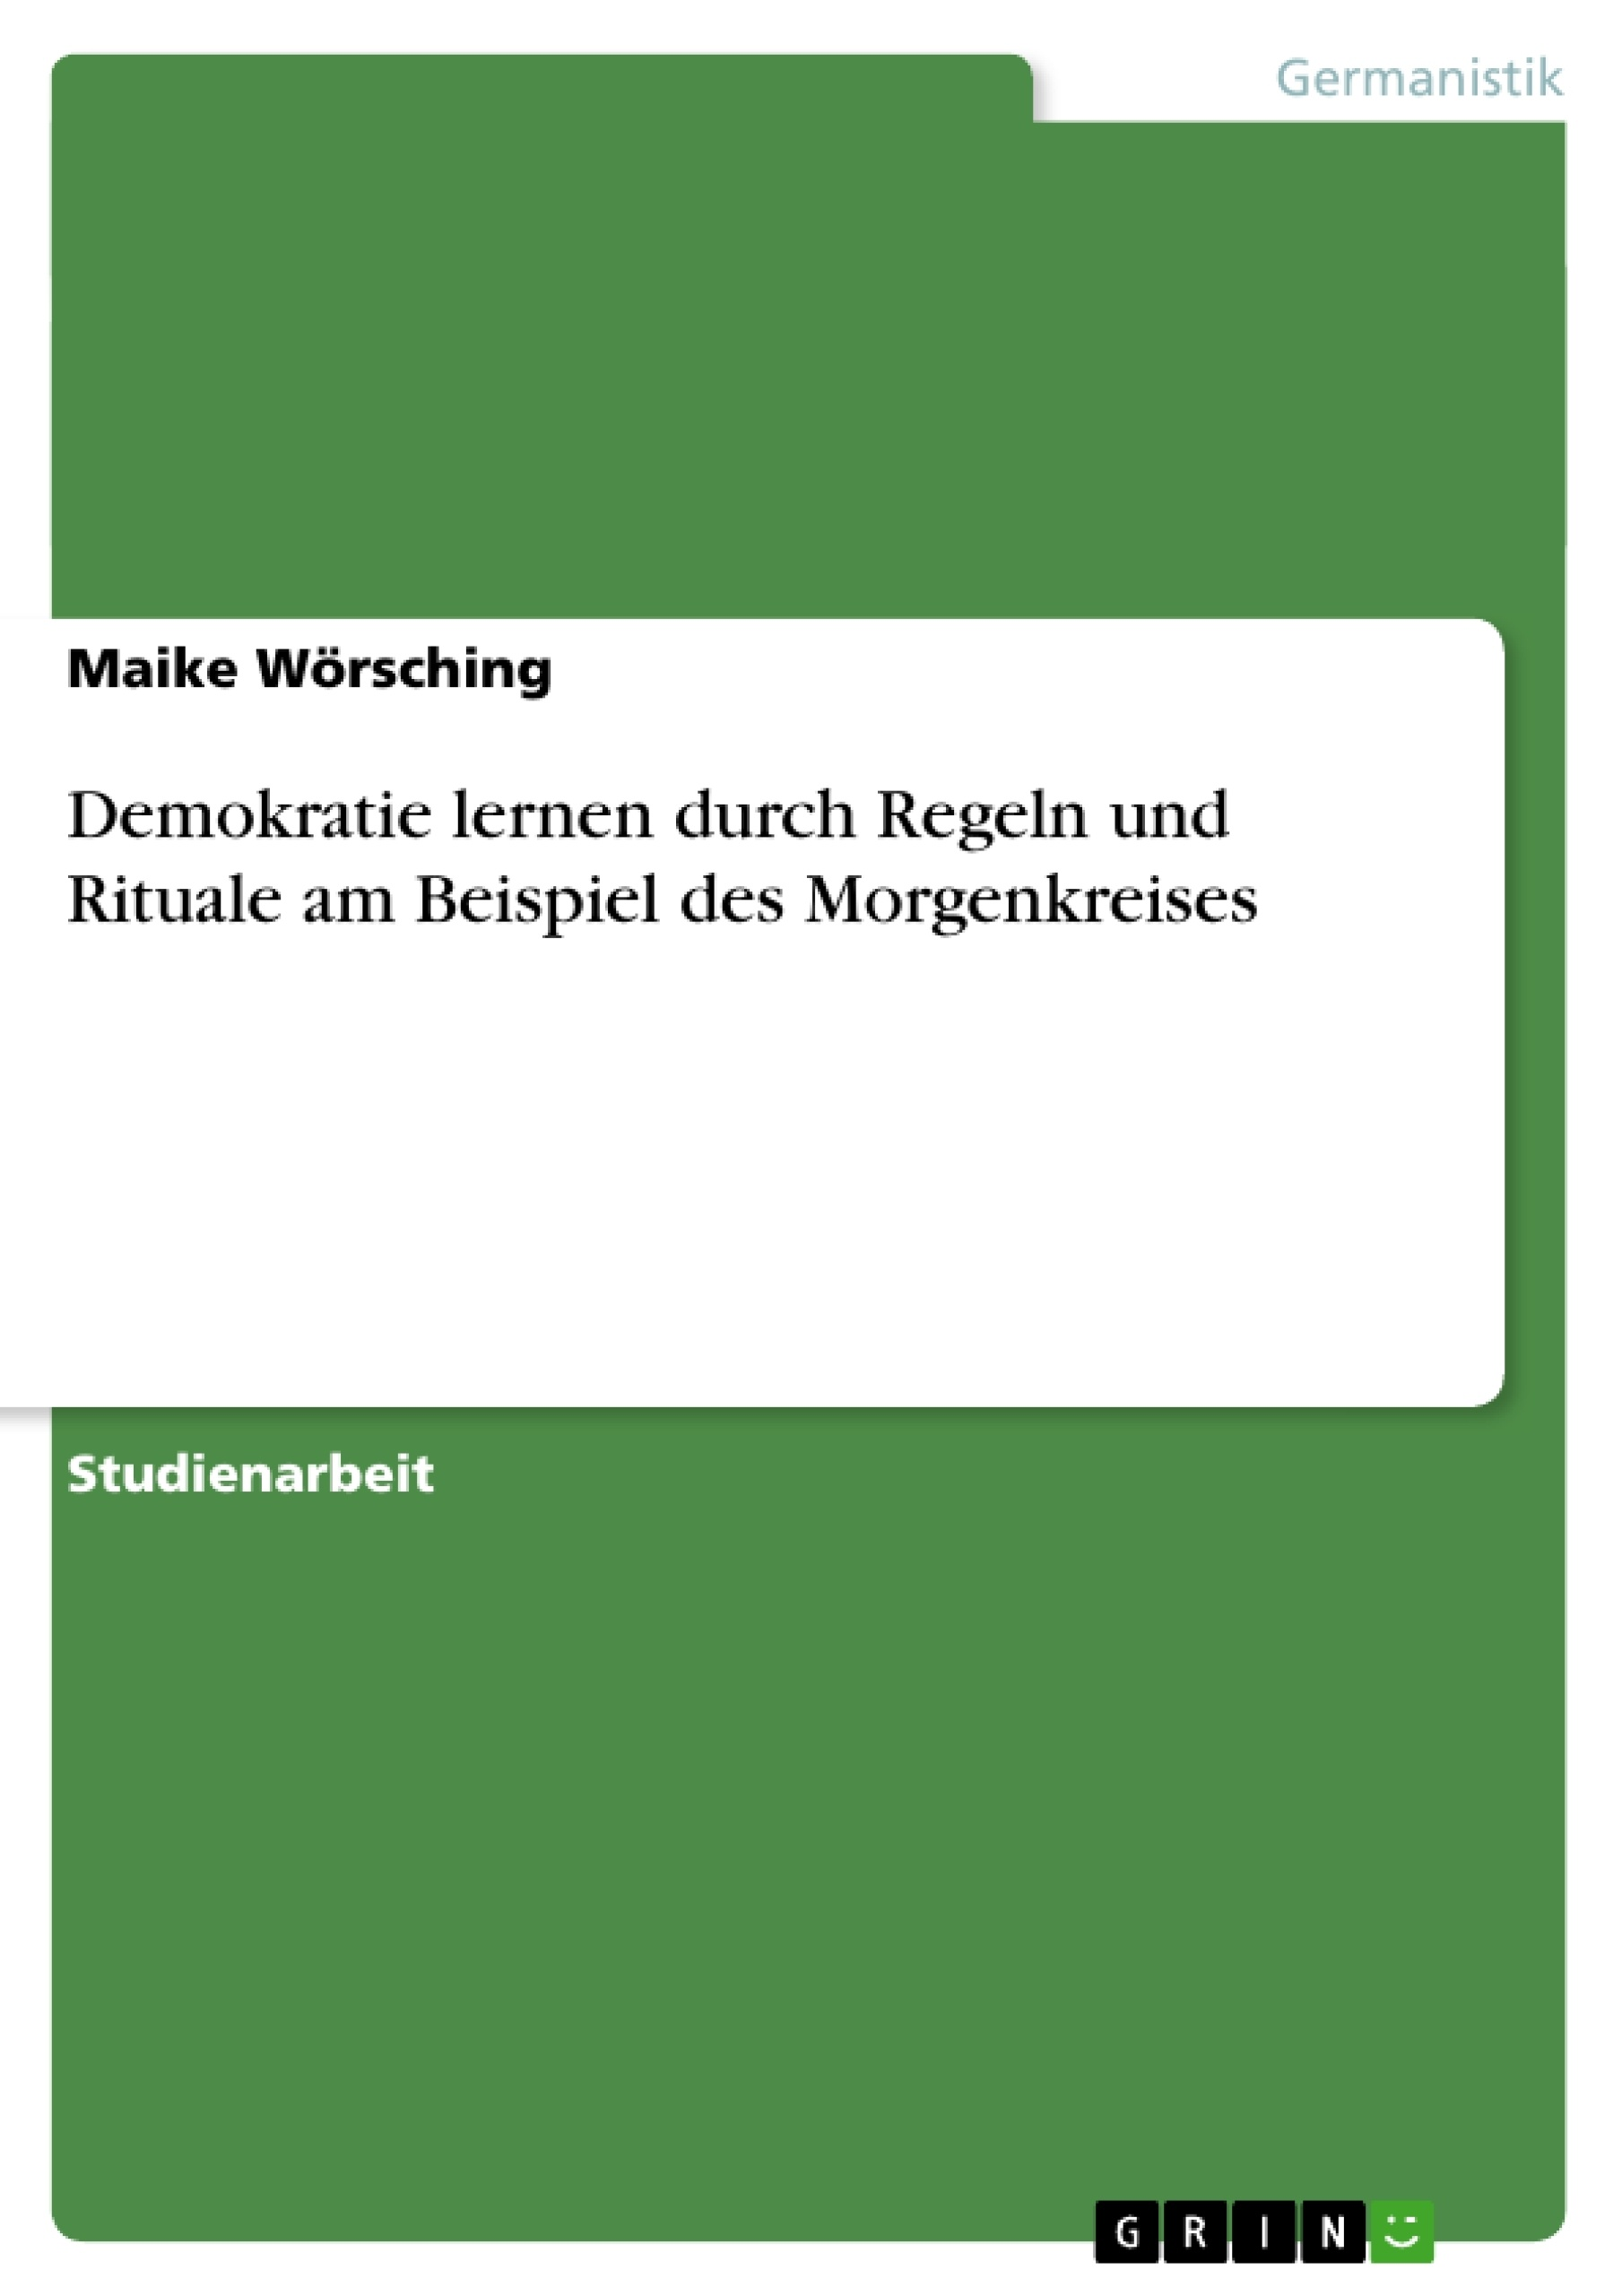 Titel: Demokratie lernen durch Regeln und Rituale am Beispiel des Morgenkreises